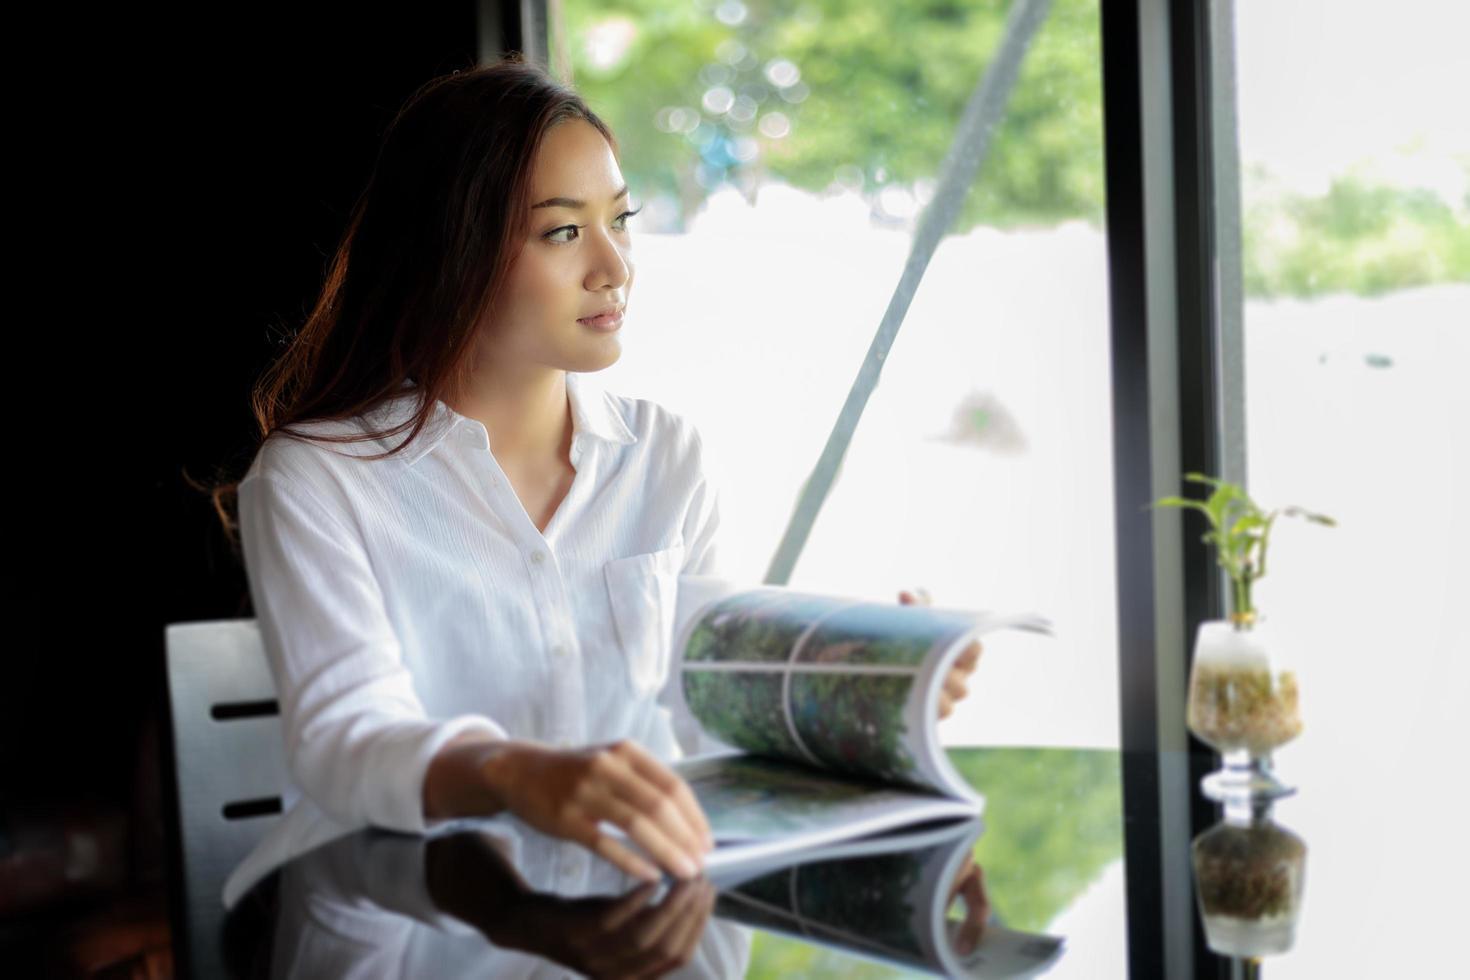 asiatische Frauen lächeln und lesen ein Buch im Café foto